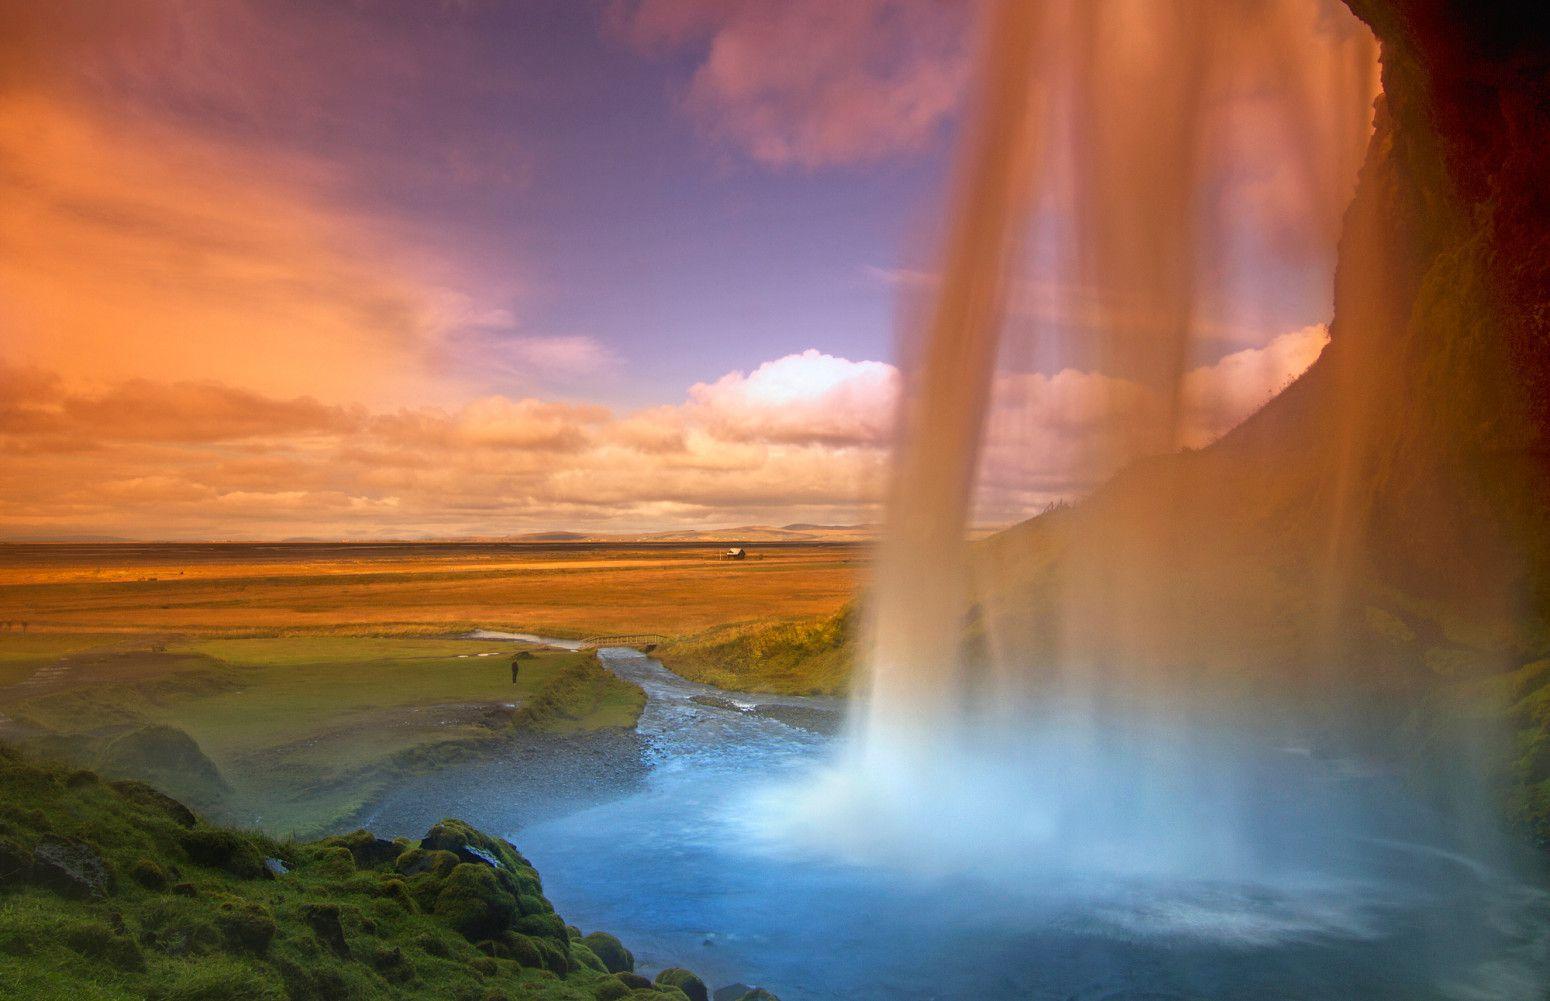 想像を遙かに超える美しさ!自然の作り出す芸術作品。世界の絶景スポット14選                当サイト内のおでかけ情報に関してこのまとめ記事の目次